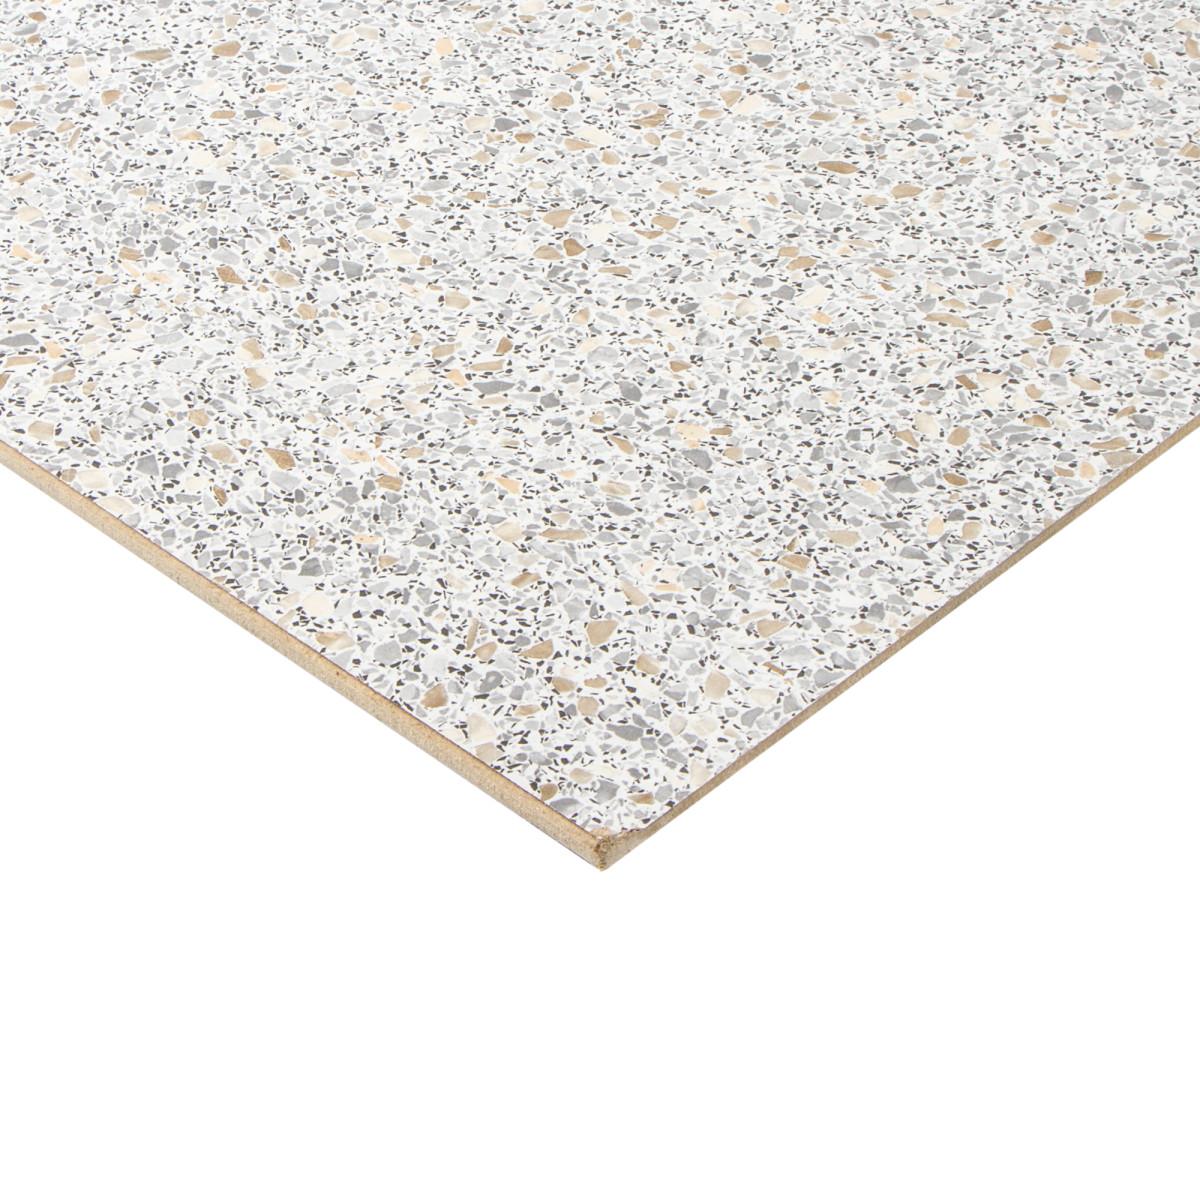 Стеновая панель №19/108 300х0.4х60 см МДФ цвет мозаика